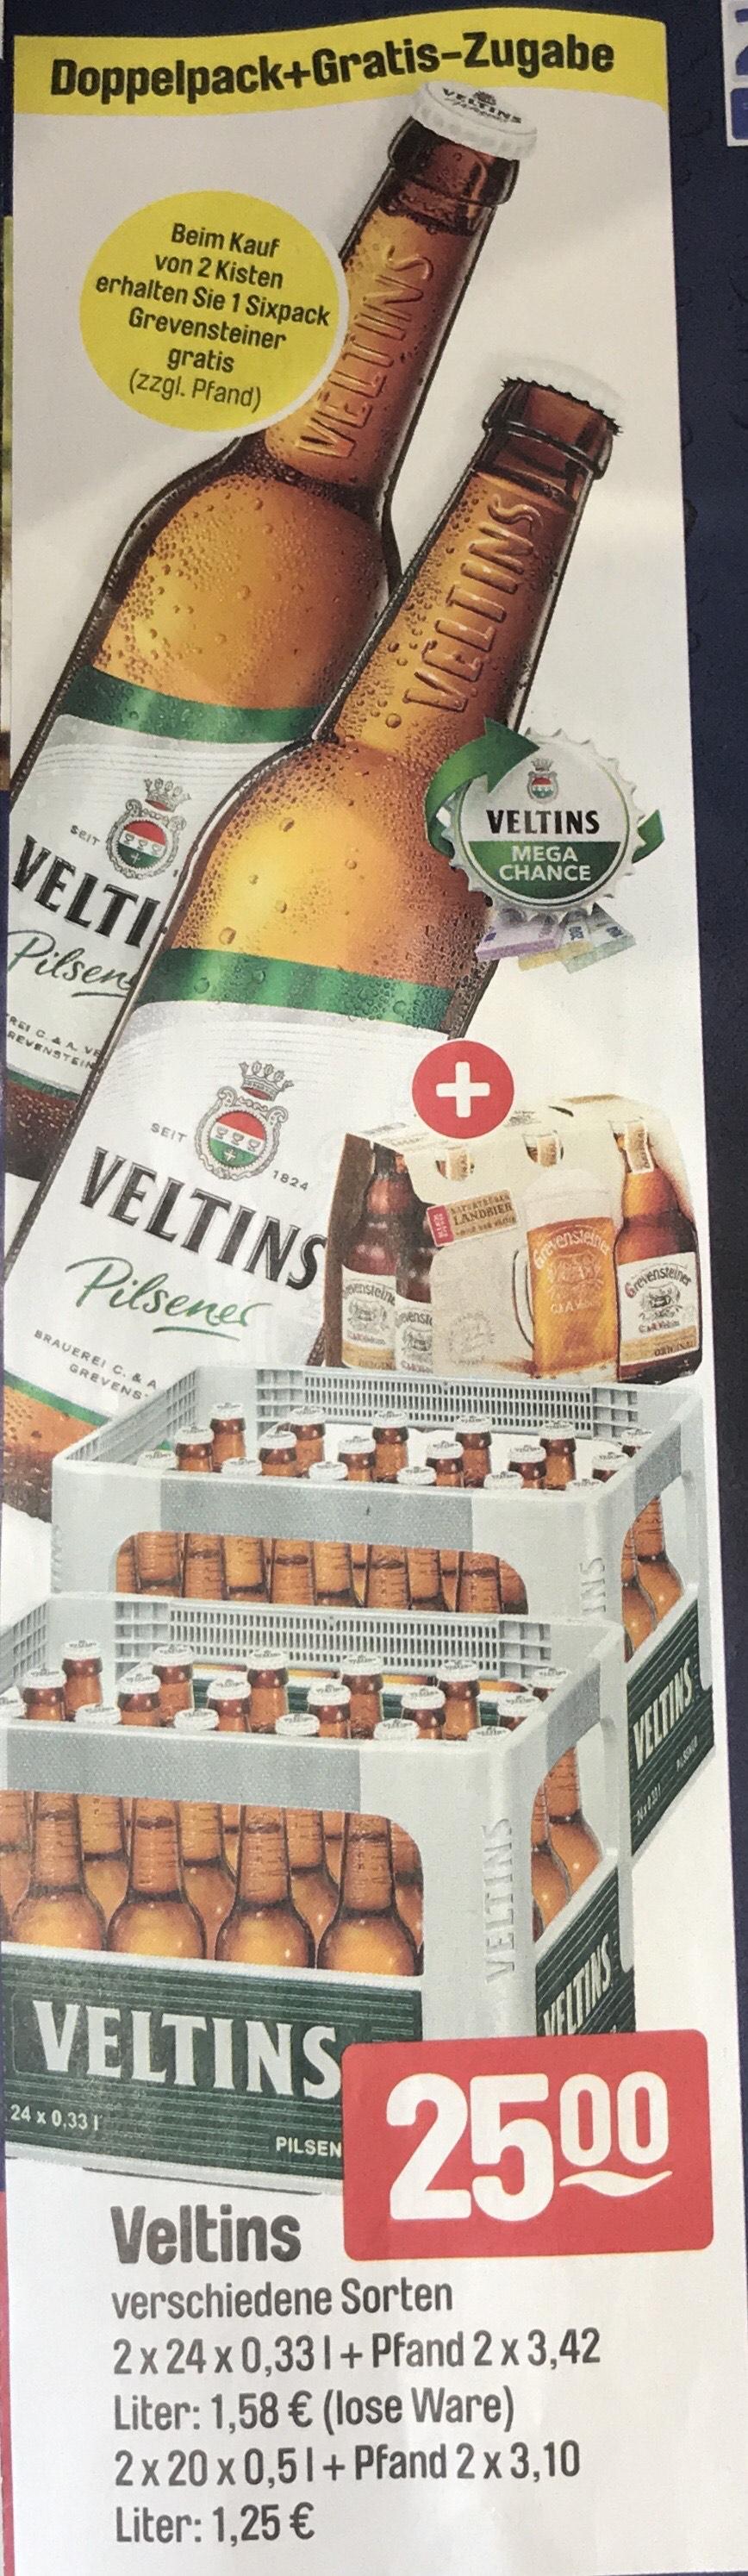 2 Kisten Veltins 1 sixpack Grevensteiner Gratis